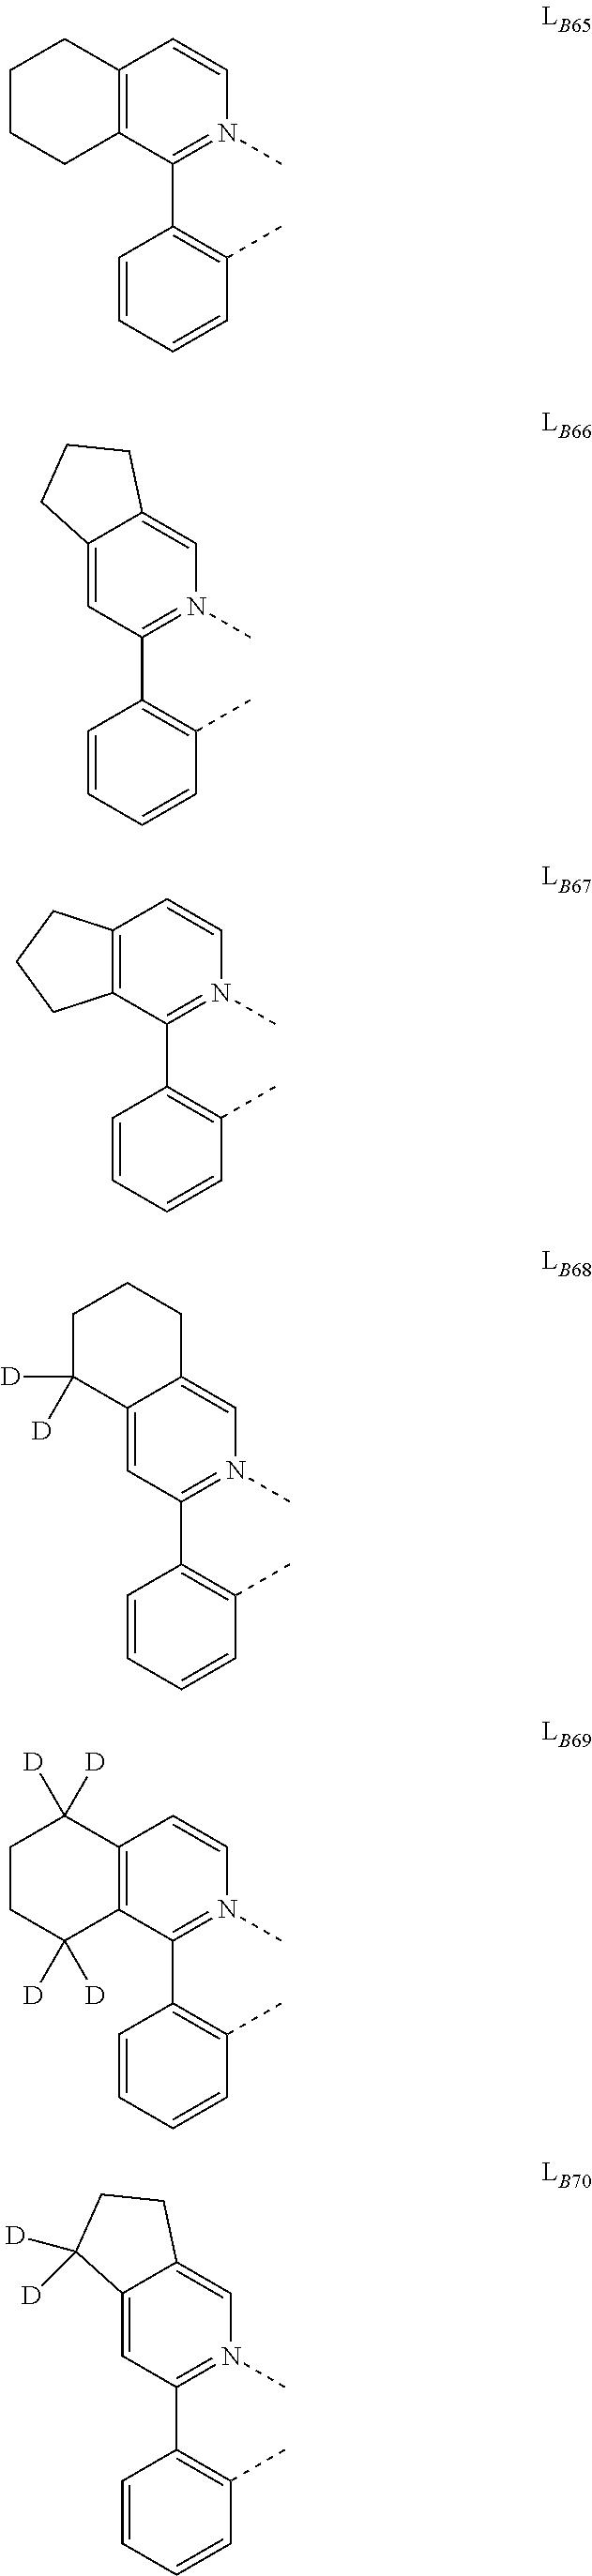 Figure US09929360-20180327-C00229